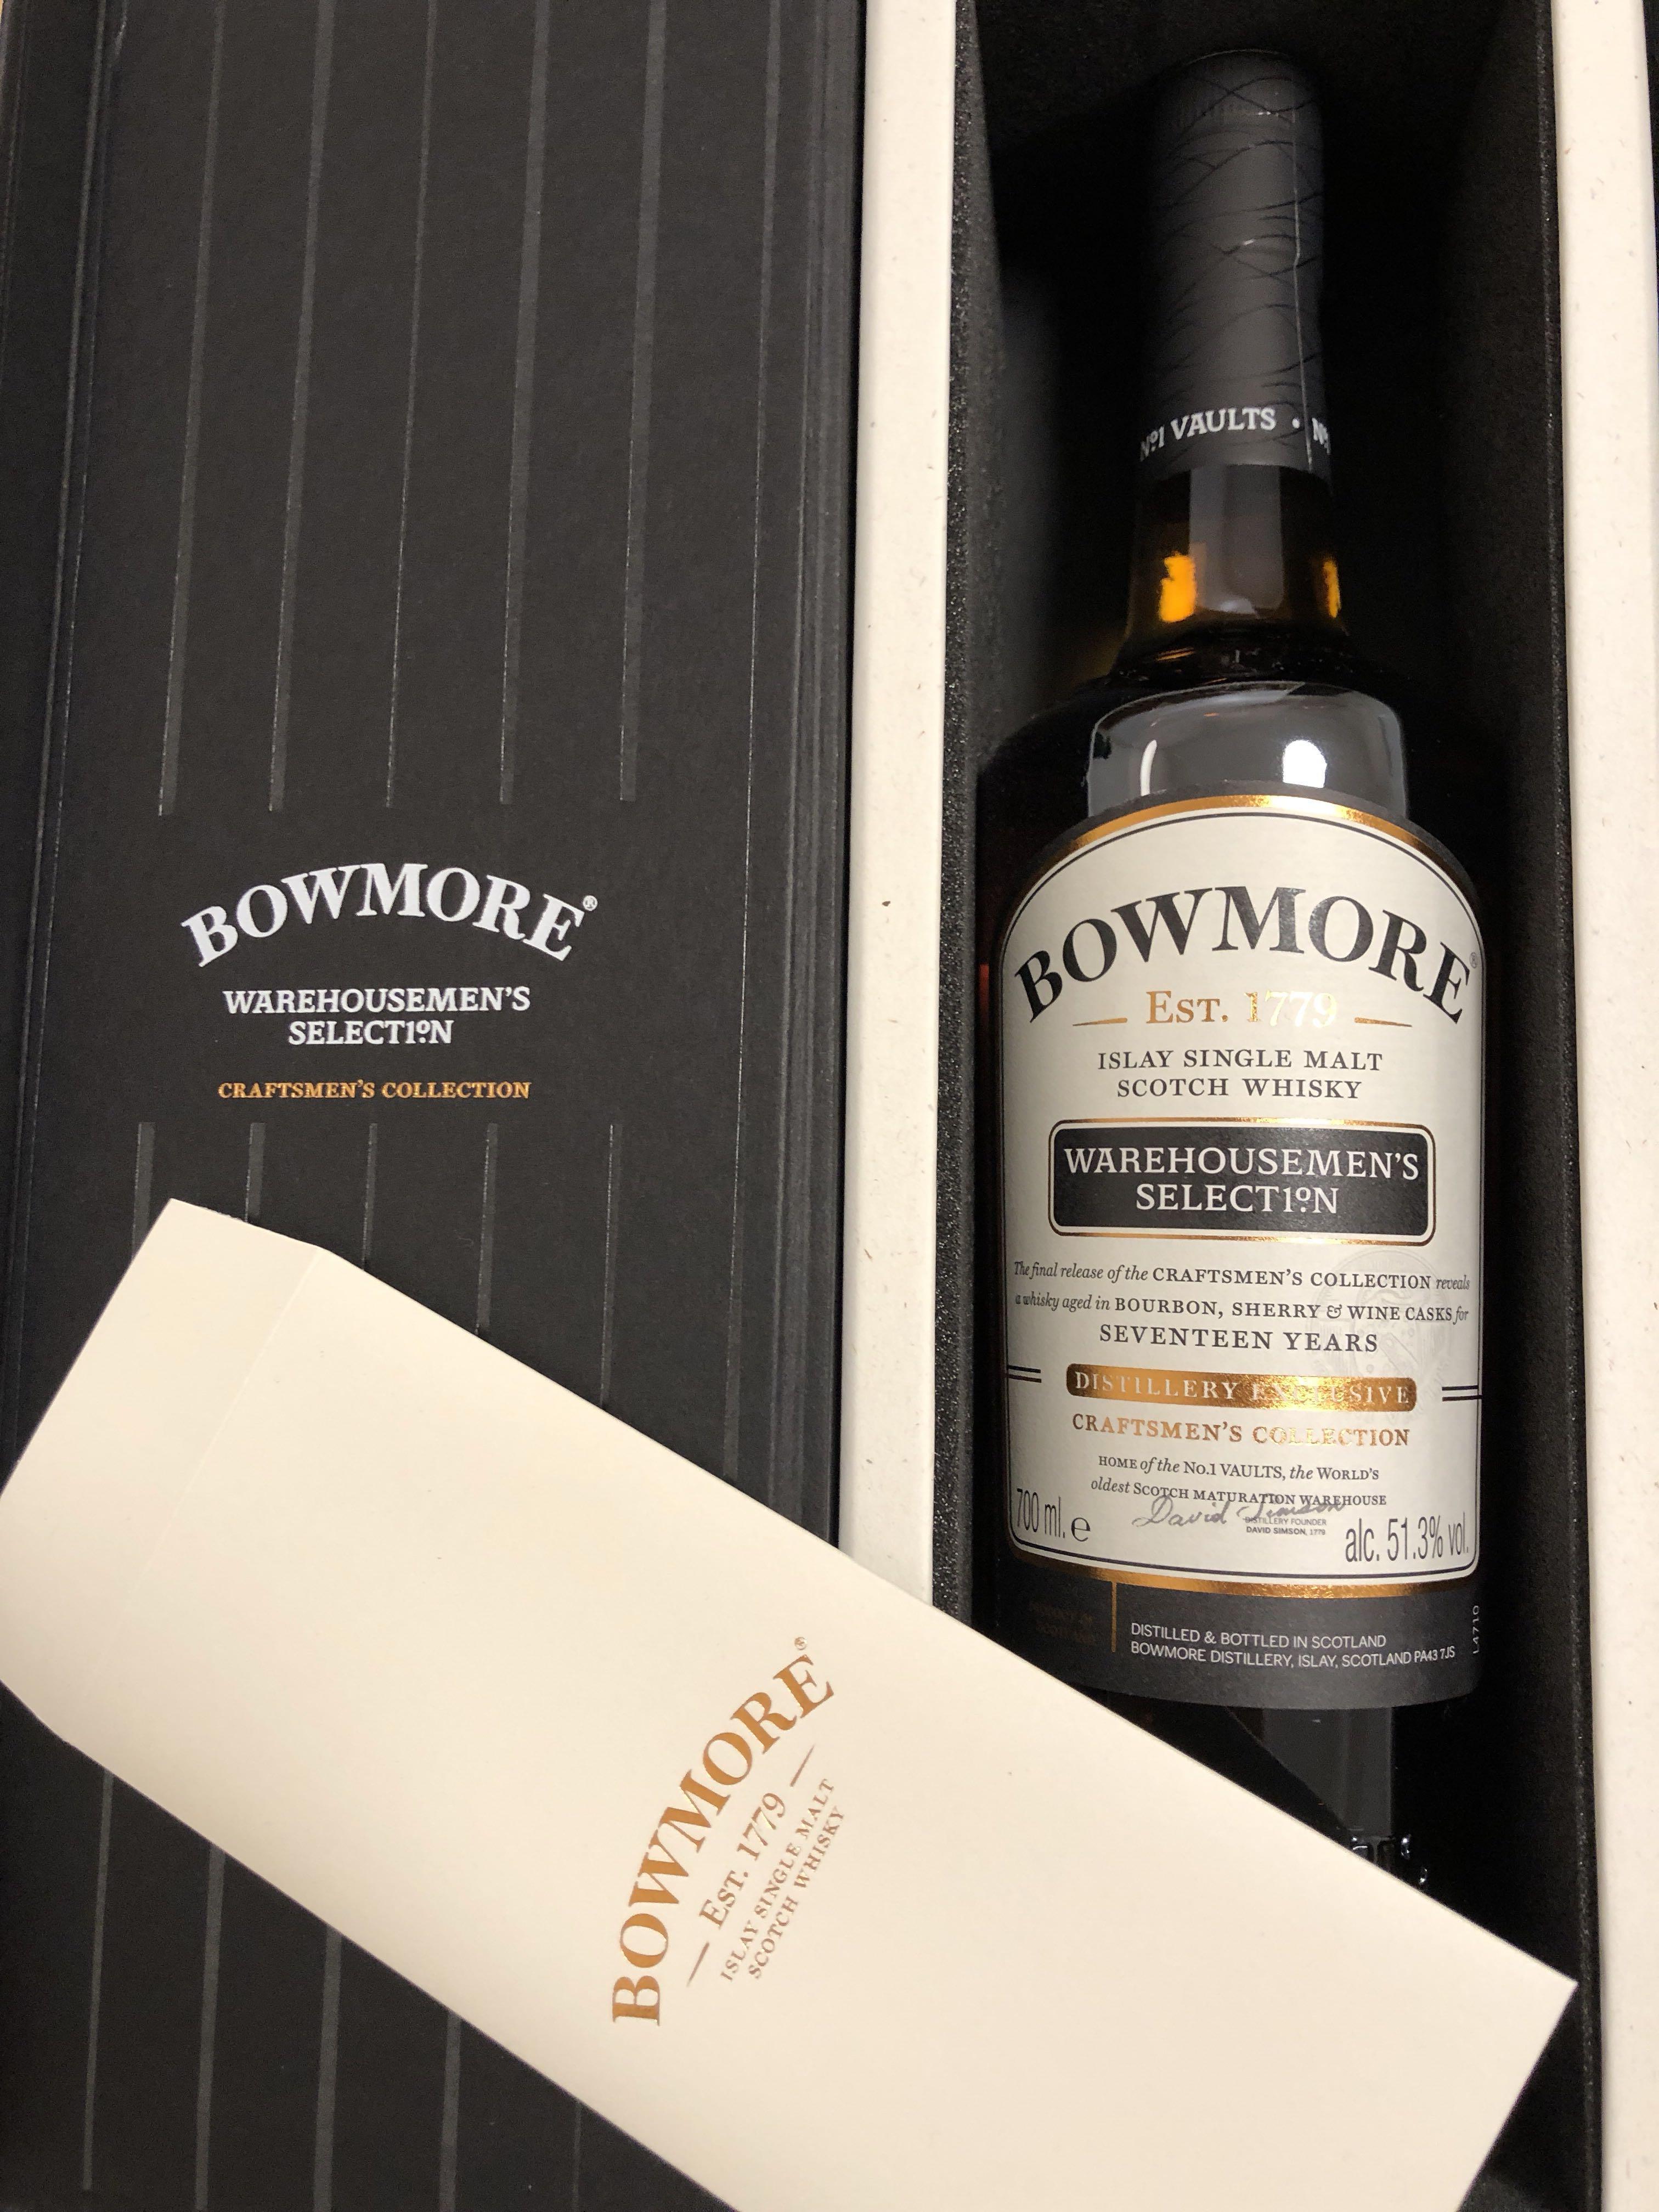 Bowmore warehouseman's Selection 1999